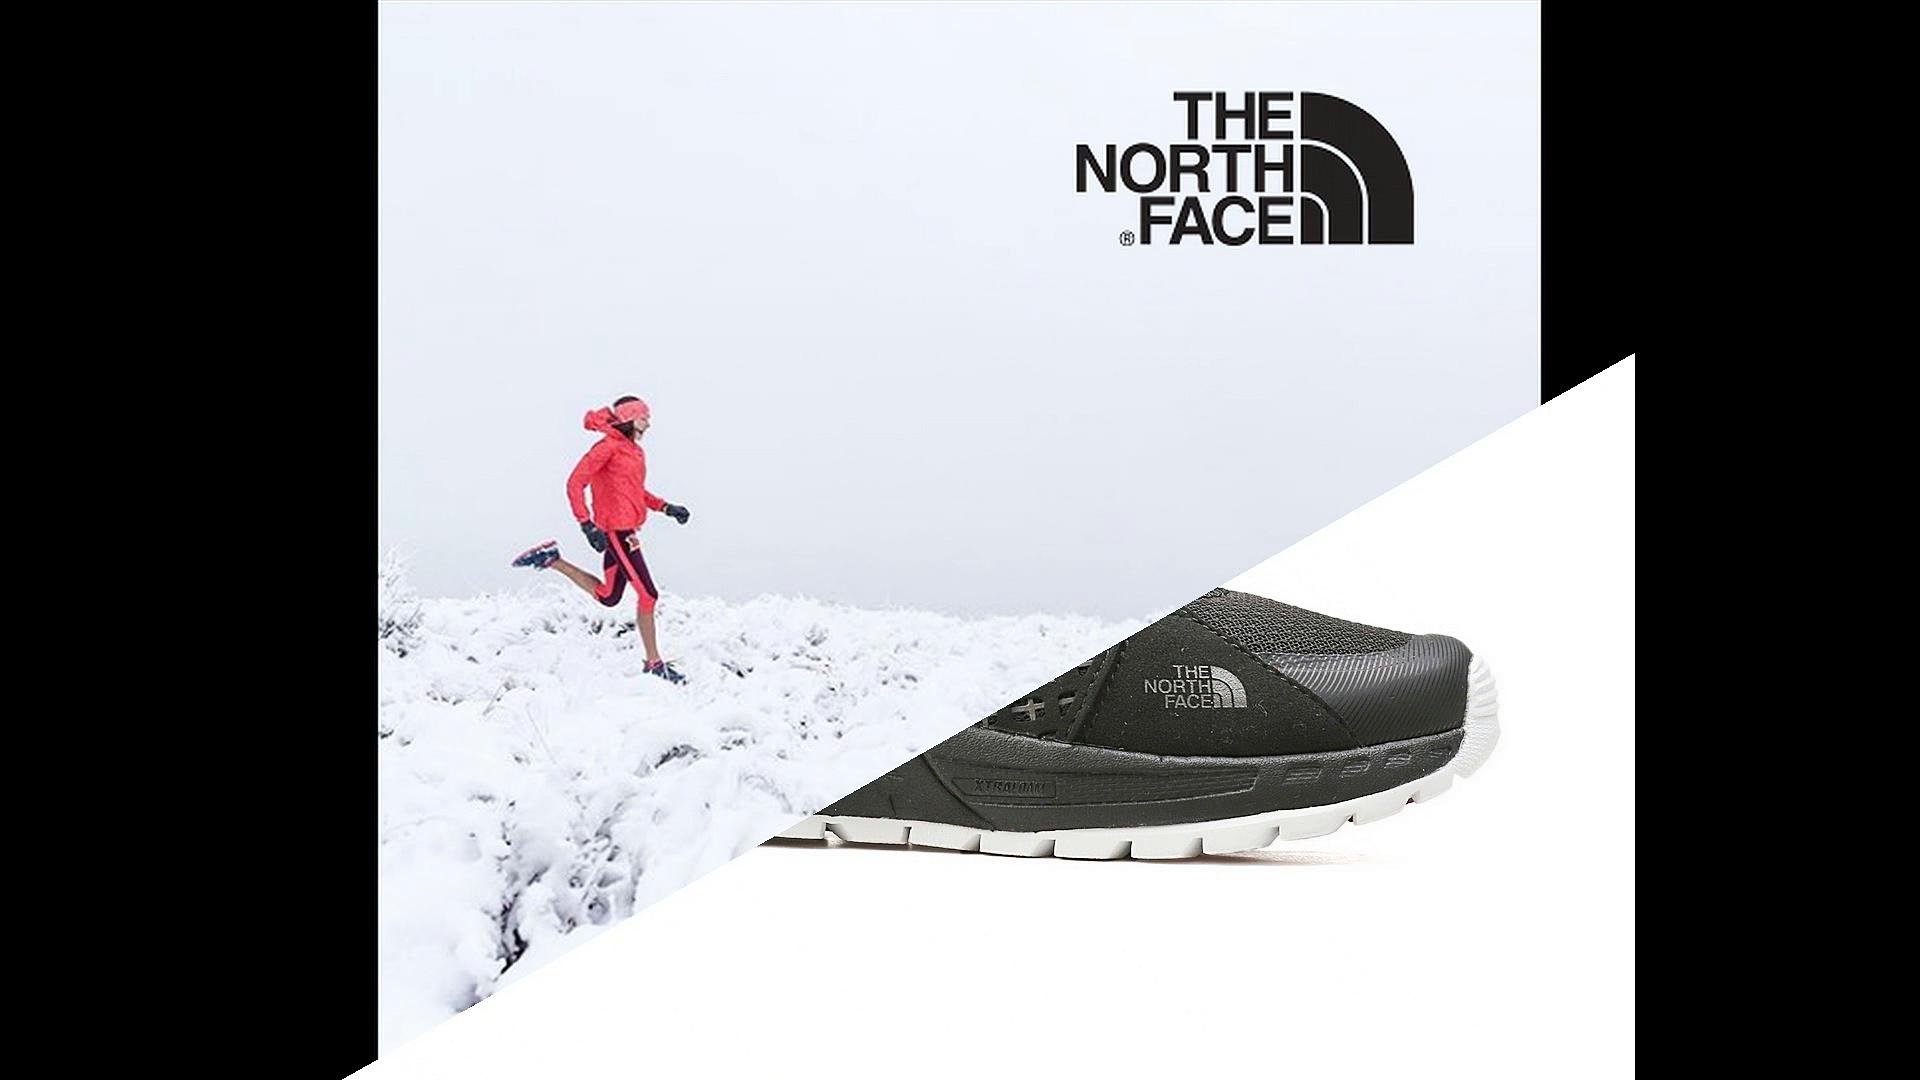 North Face Yeni Kış Kadın Koleksiyonu Soğuk Hava Şartlarında Üstün Performans Sunan Outdoorlar